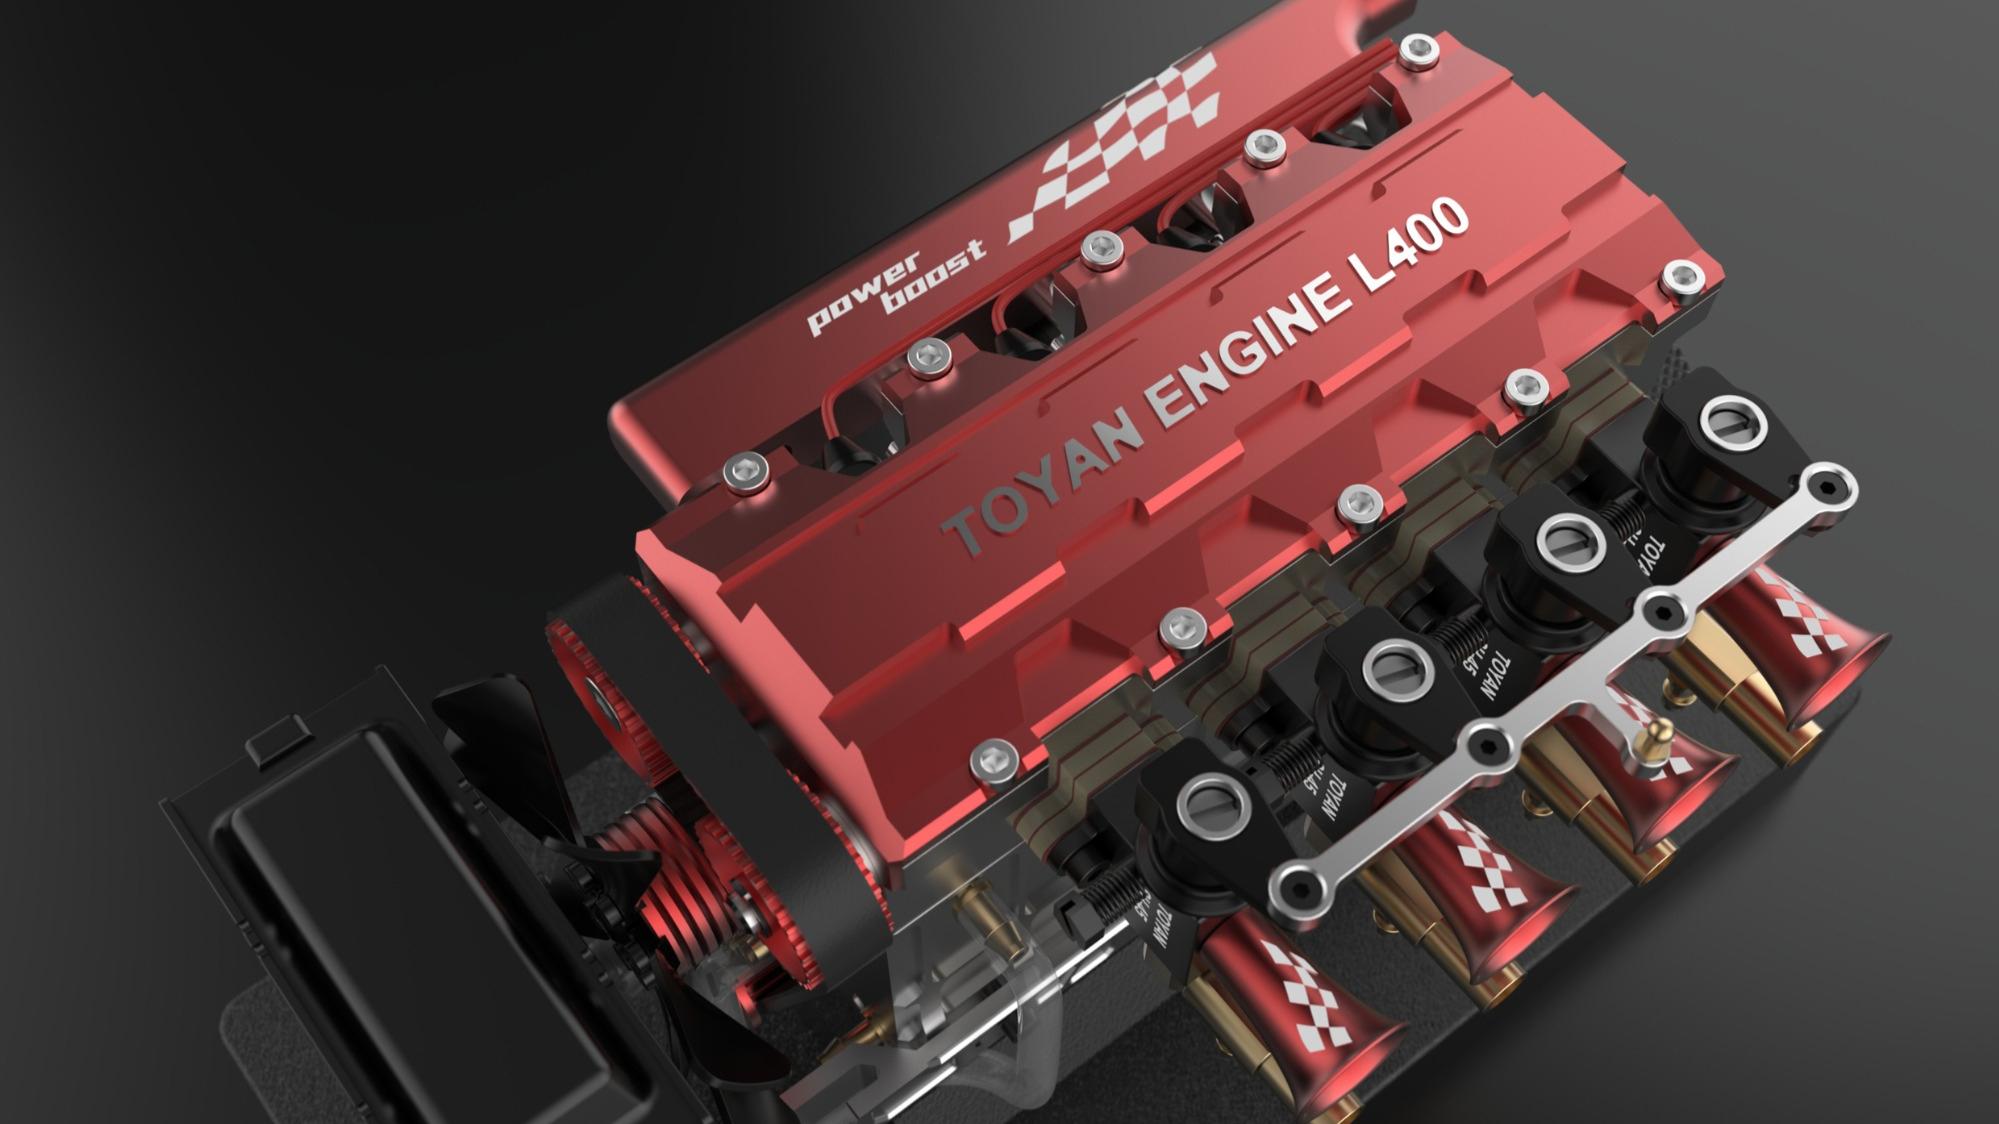 直列四缸水冷发动机FS-L400开箱测试